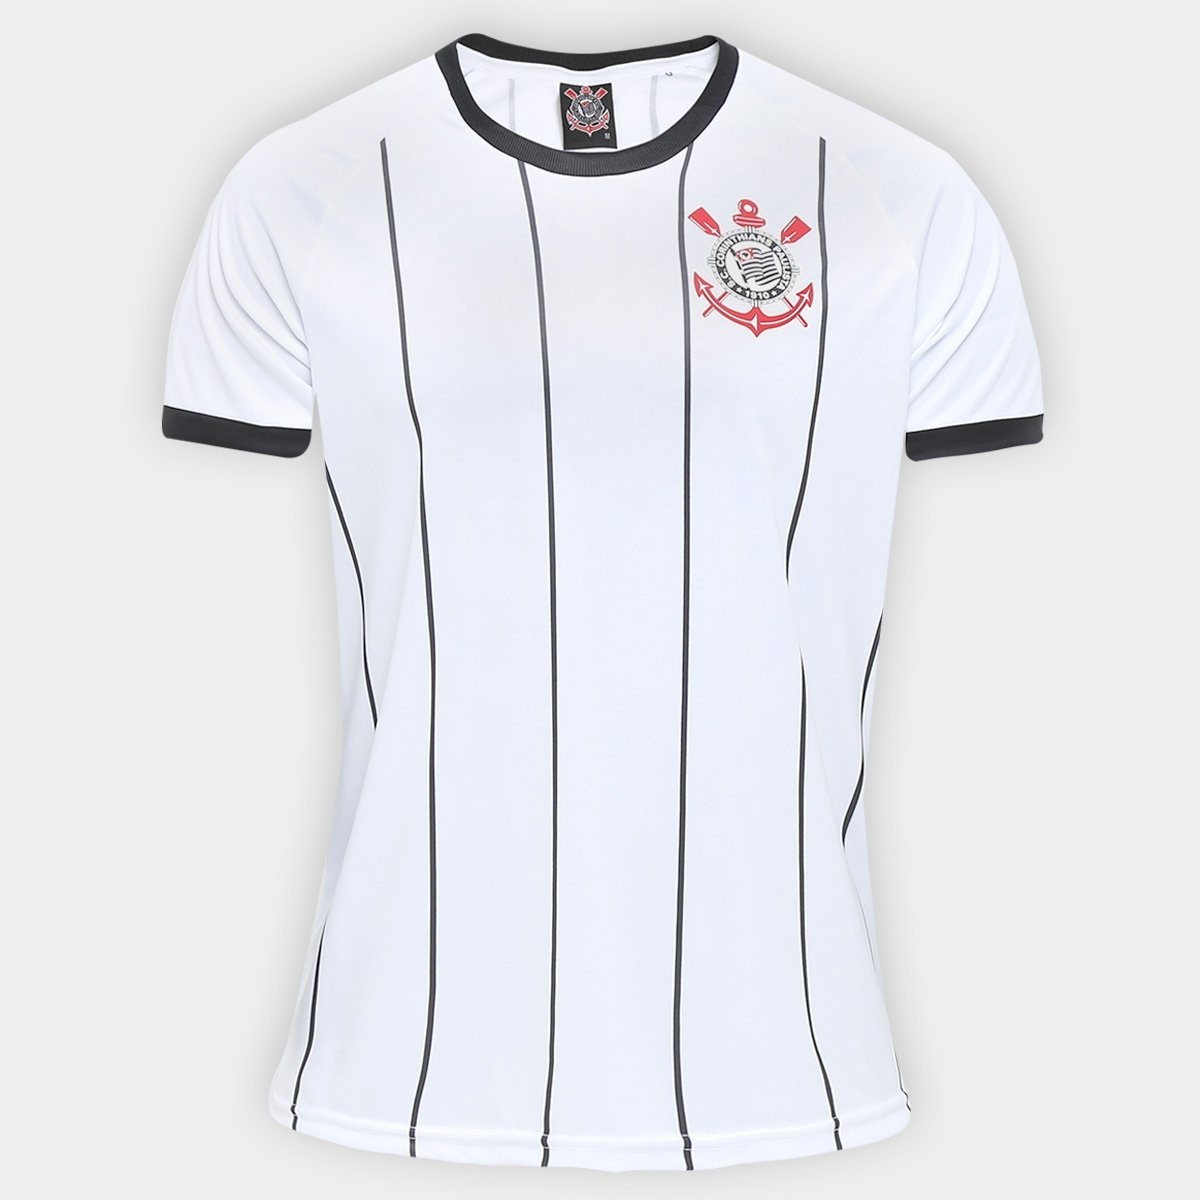 bb386fa2856cec camisa corinthians fenômeno torcida 2019 oficial. Carregando zoom.